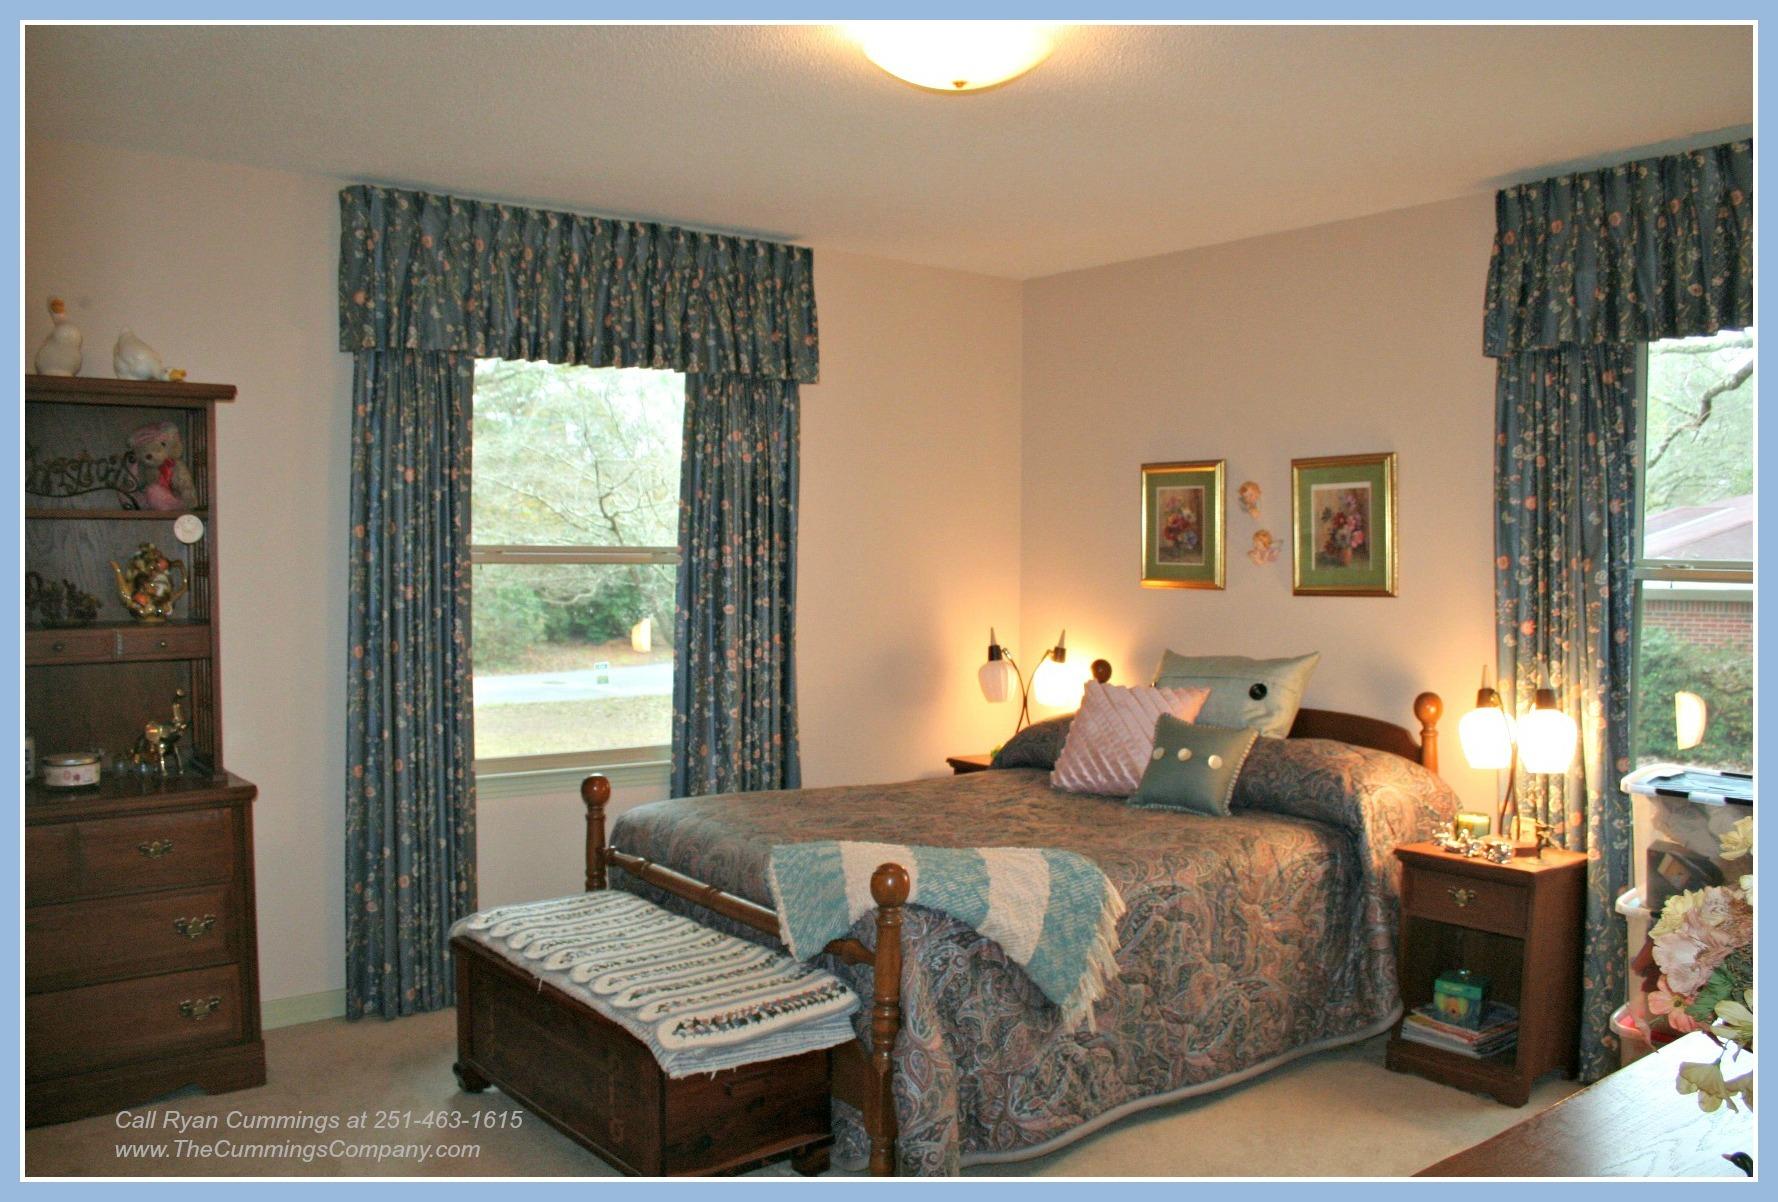 3 Bedroom Mobile AL Homes For Sale